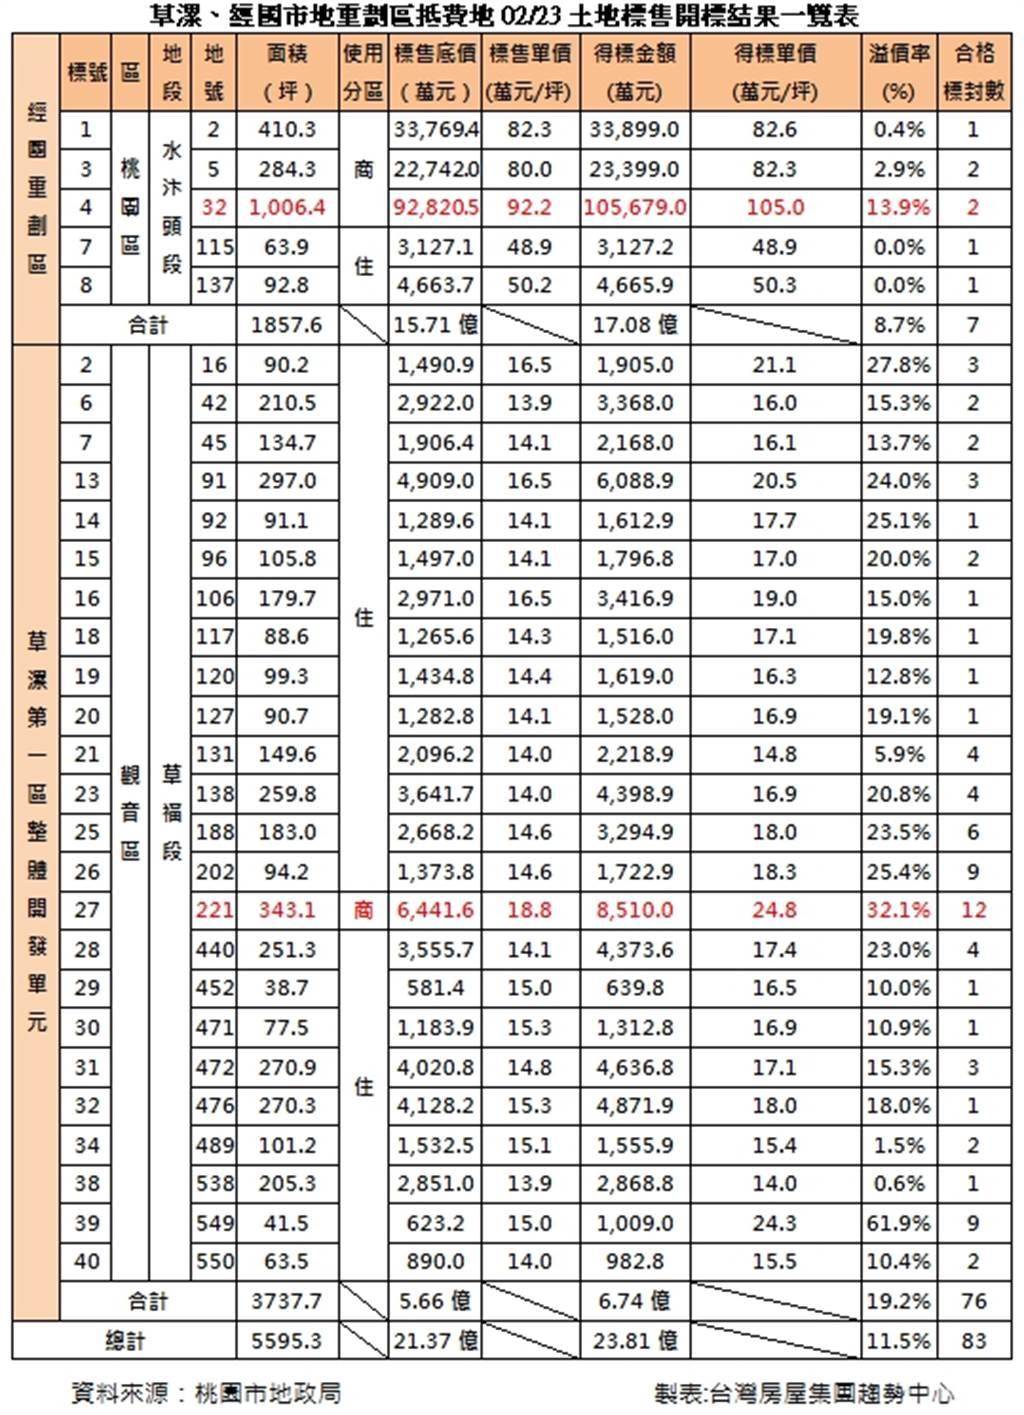 經國、草漯市地重劃區抵費地02/23土地標售開標結果一覽表